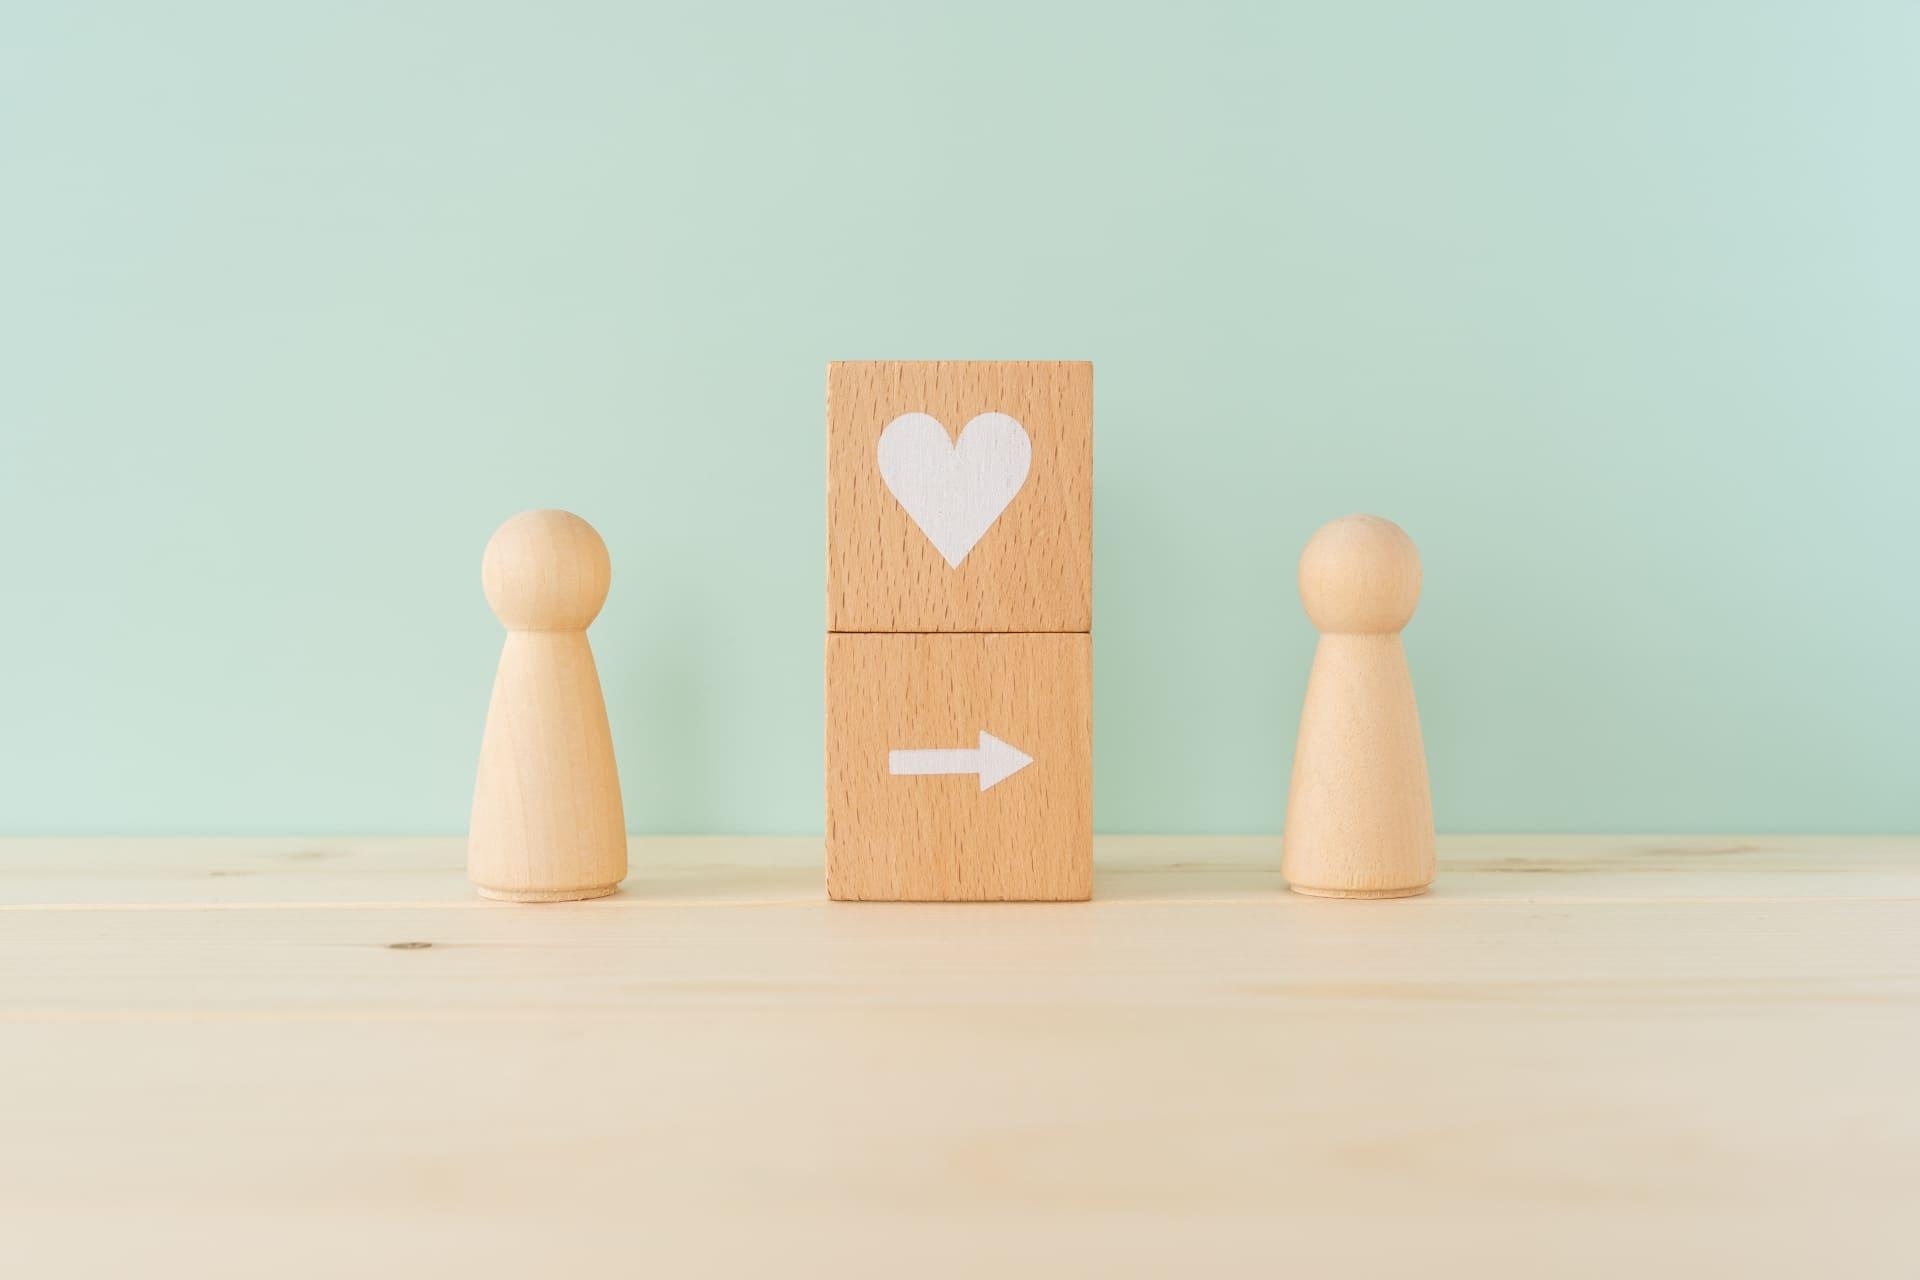 片思い占い|失恋しても諦めきれない…再度アプローチしたら恋は成就する?